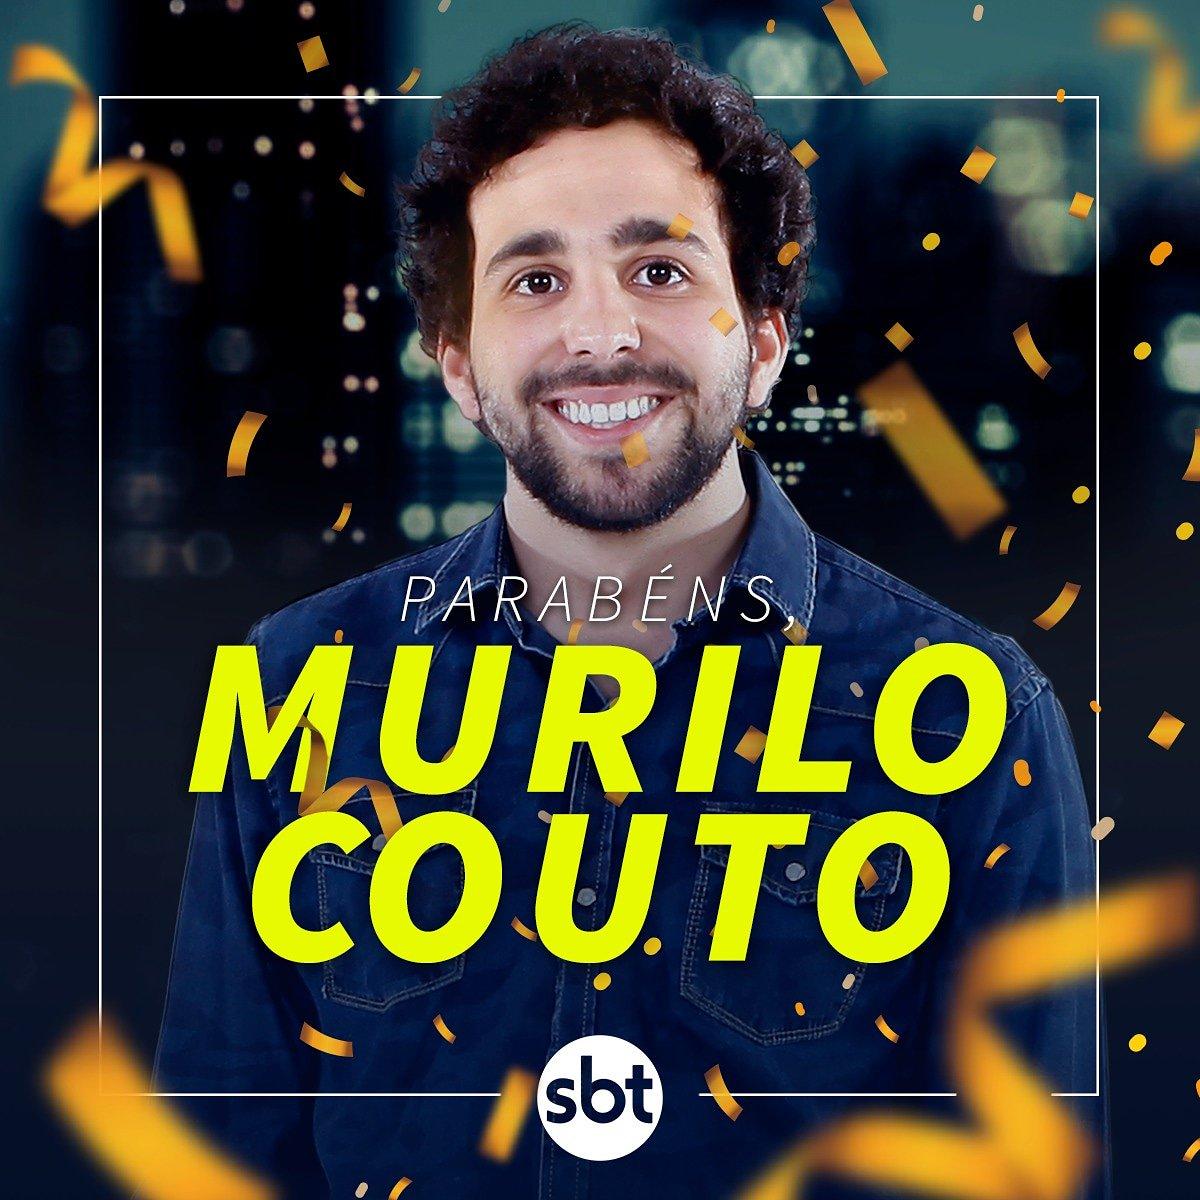 Hoje é dia dele que é Coach, repórter, rapper, dançarino e acha que é engraçado! Parabéns, @murilocouto!! #thenoitecomdanilogentili